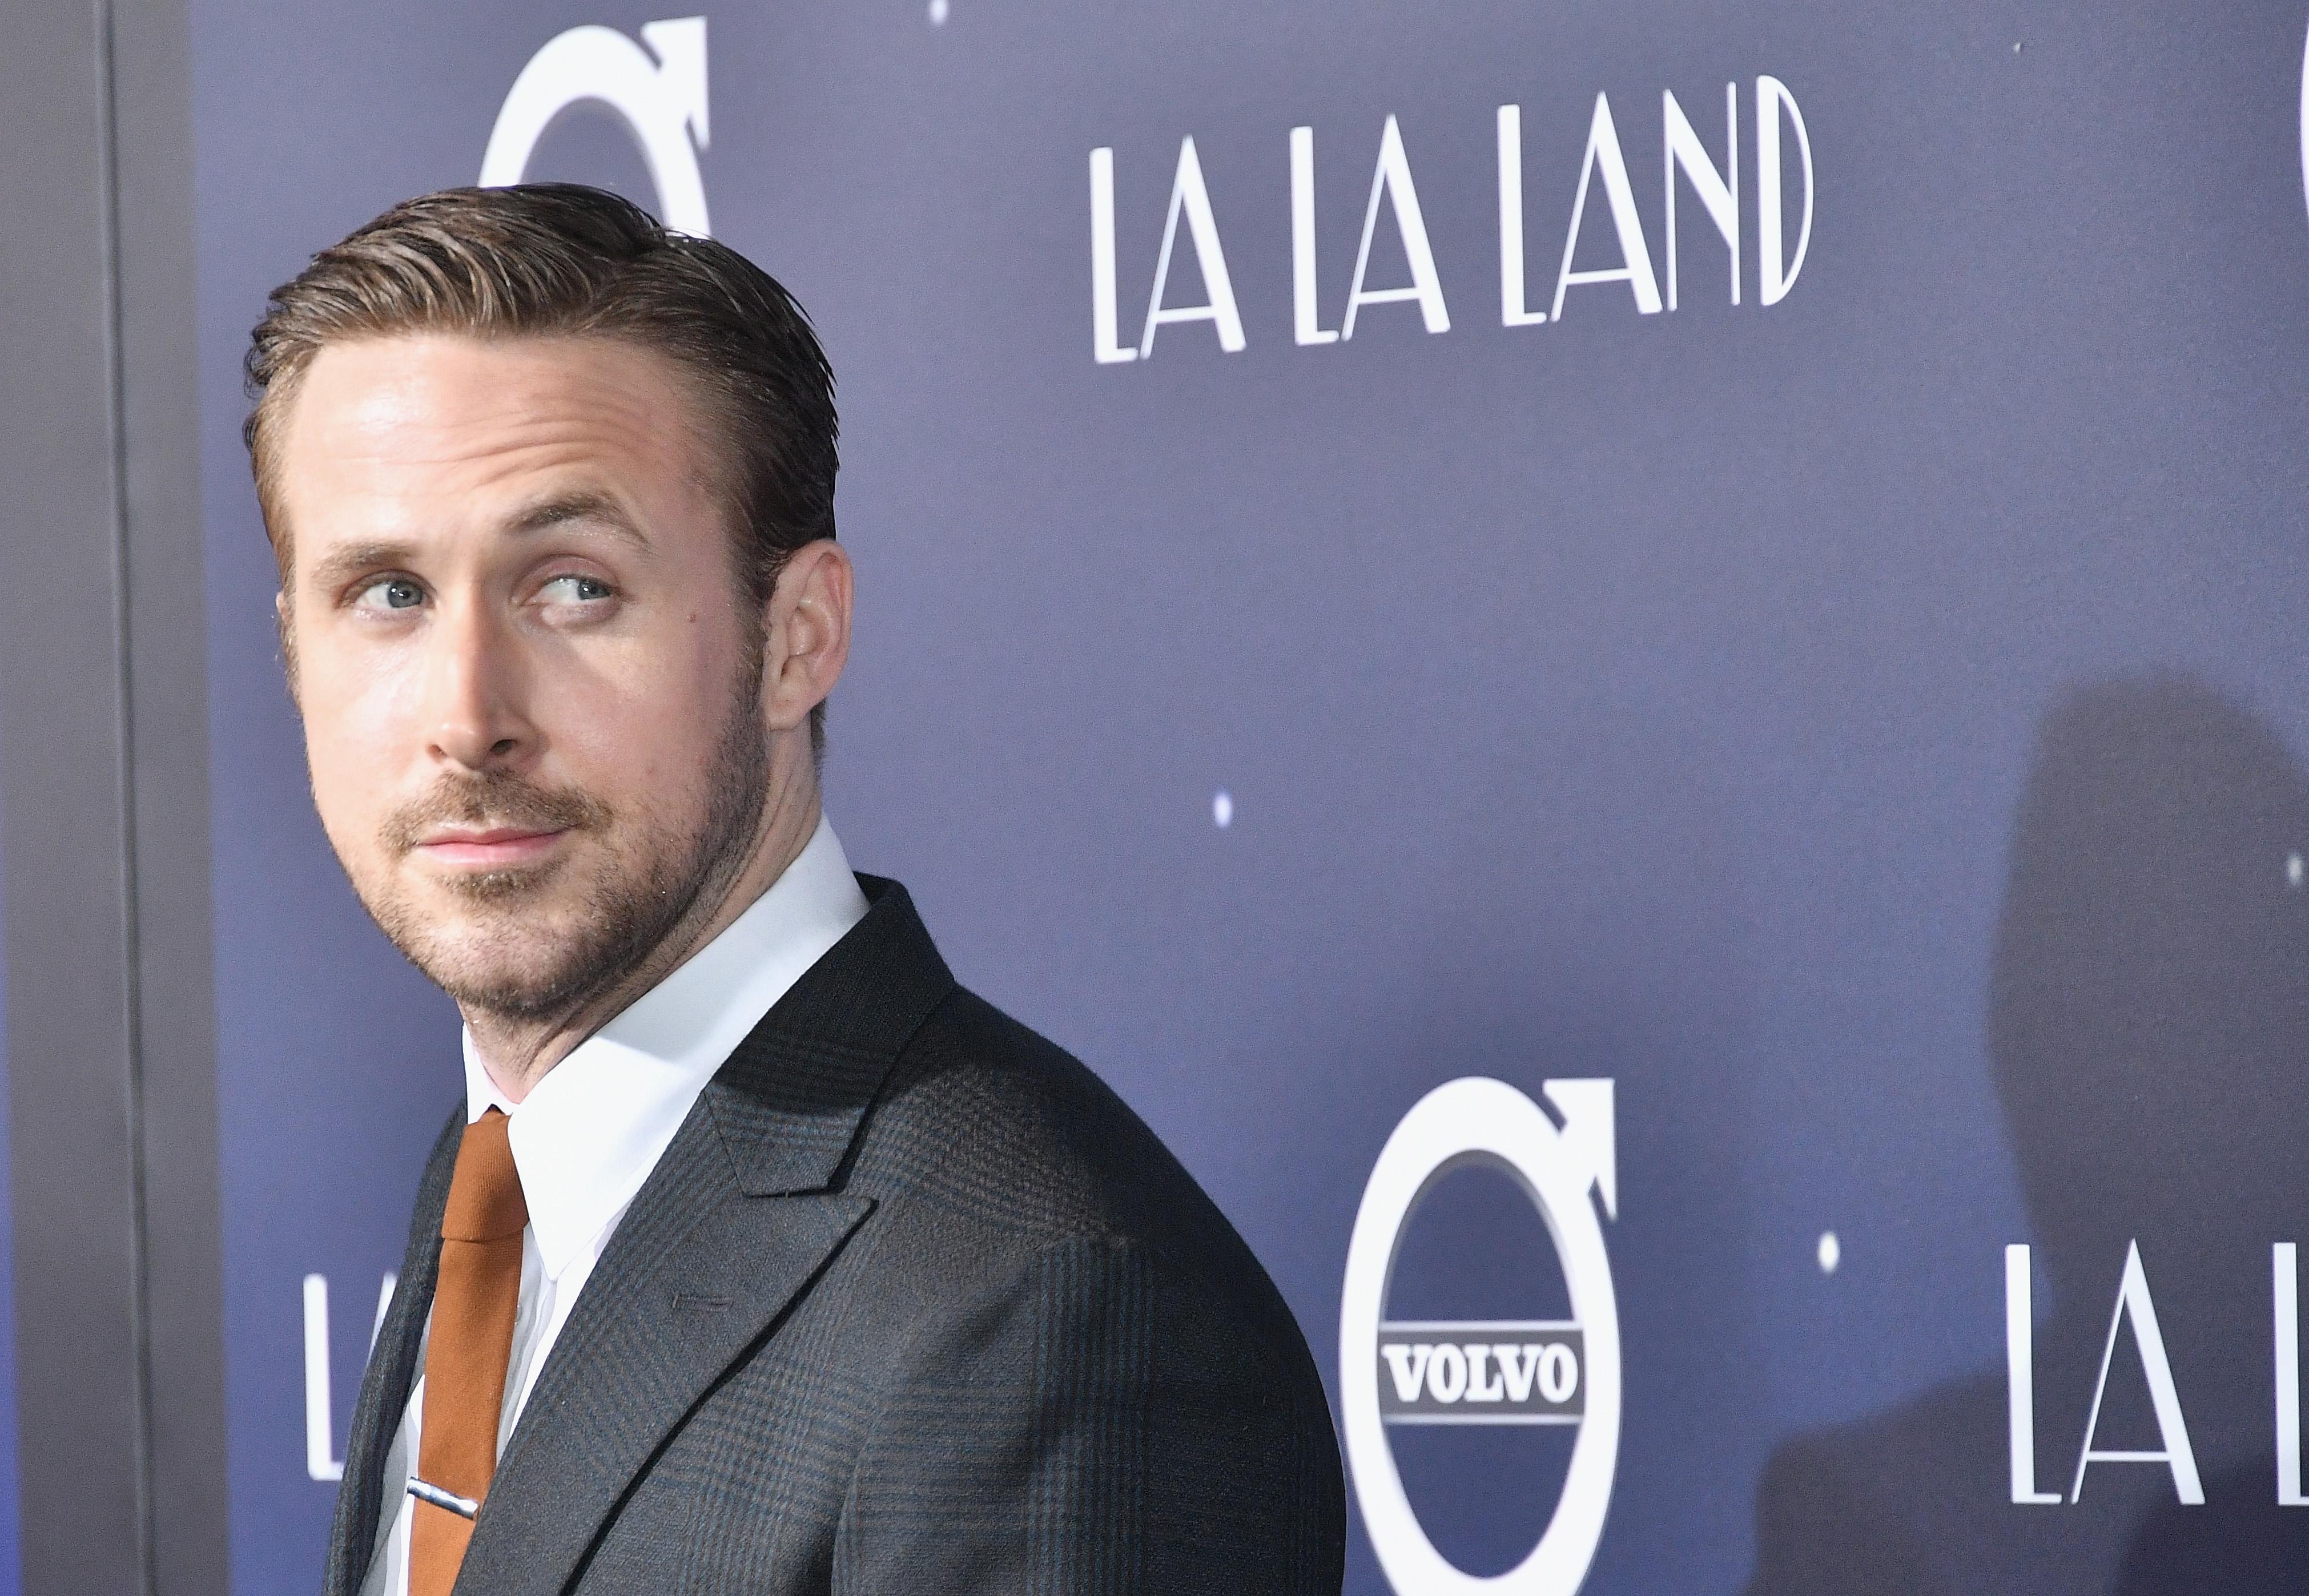 """Premiere Of Lionsgate's """"La La Land"""" - Arrivals"""